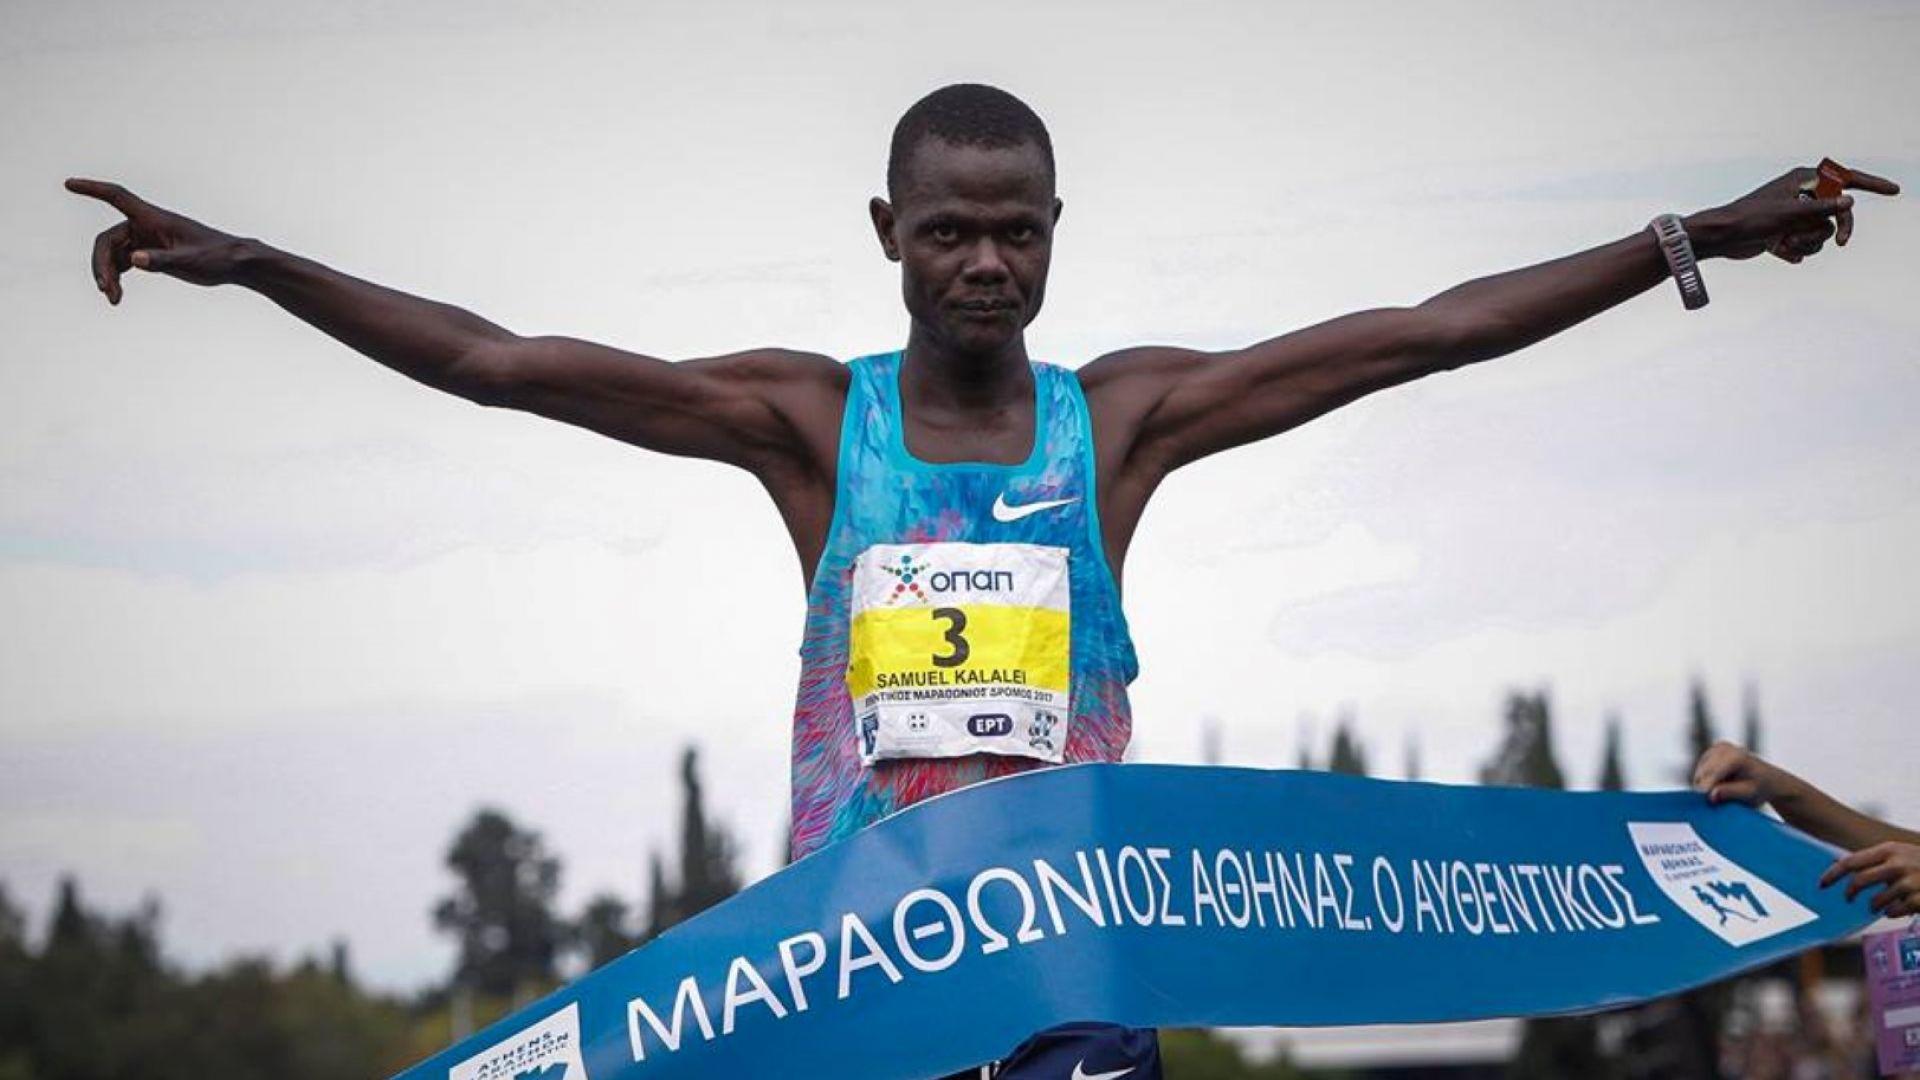 Още един кениец изгоря заради допинг